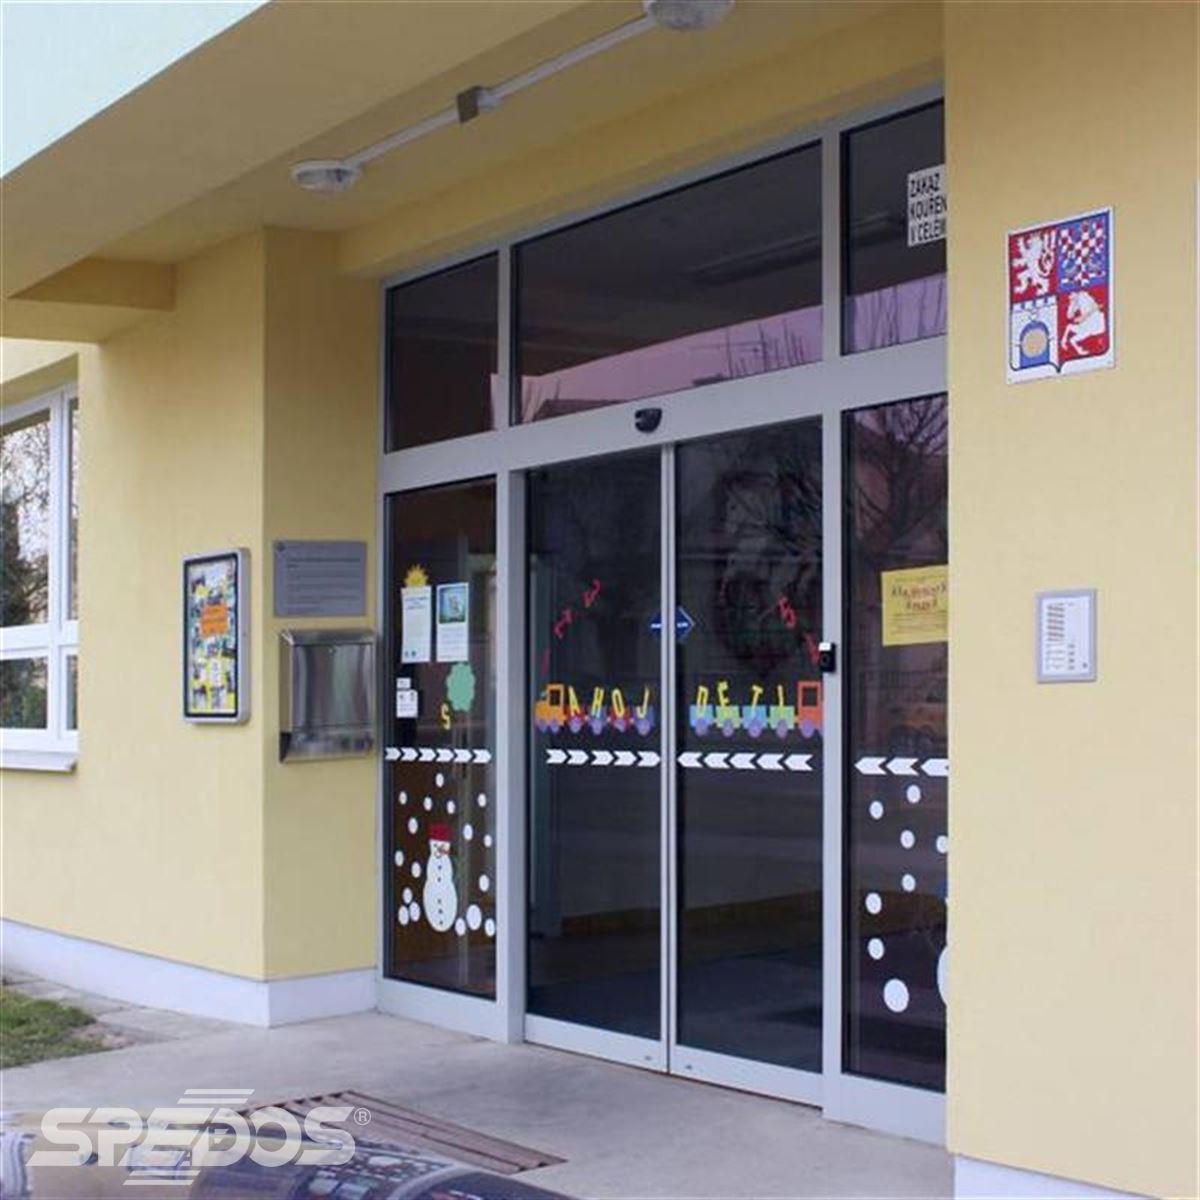 Dvoukřídlé automatické dveře posuvné v základní škole 1